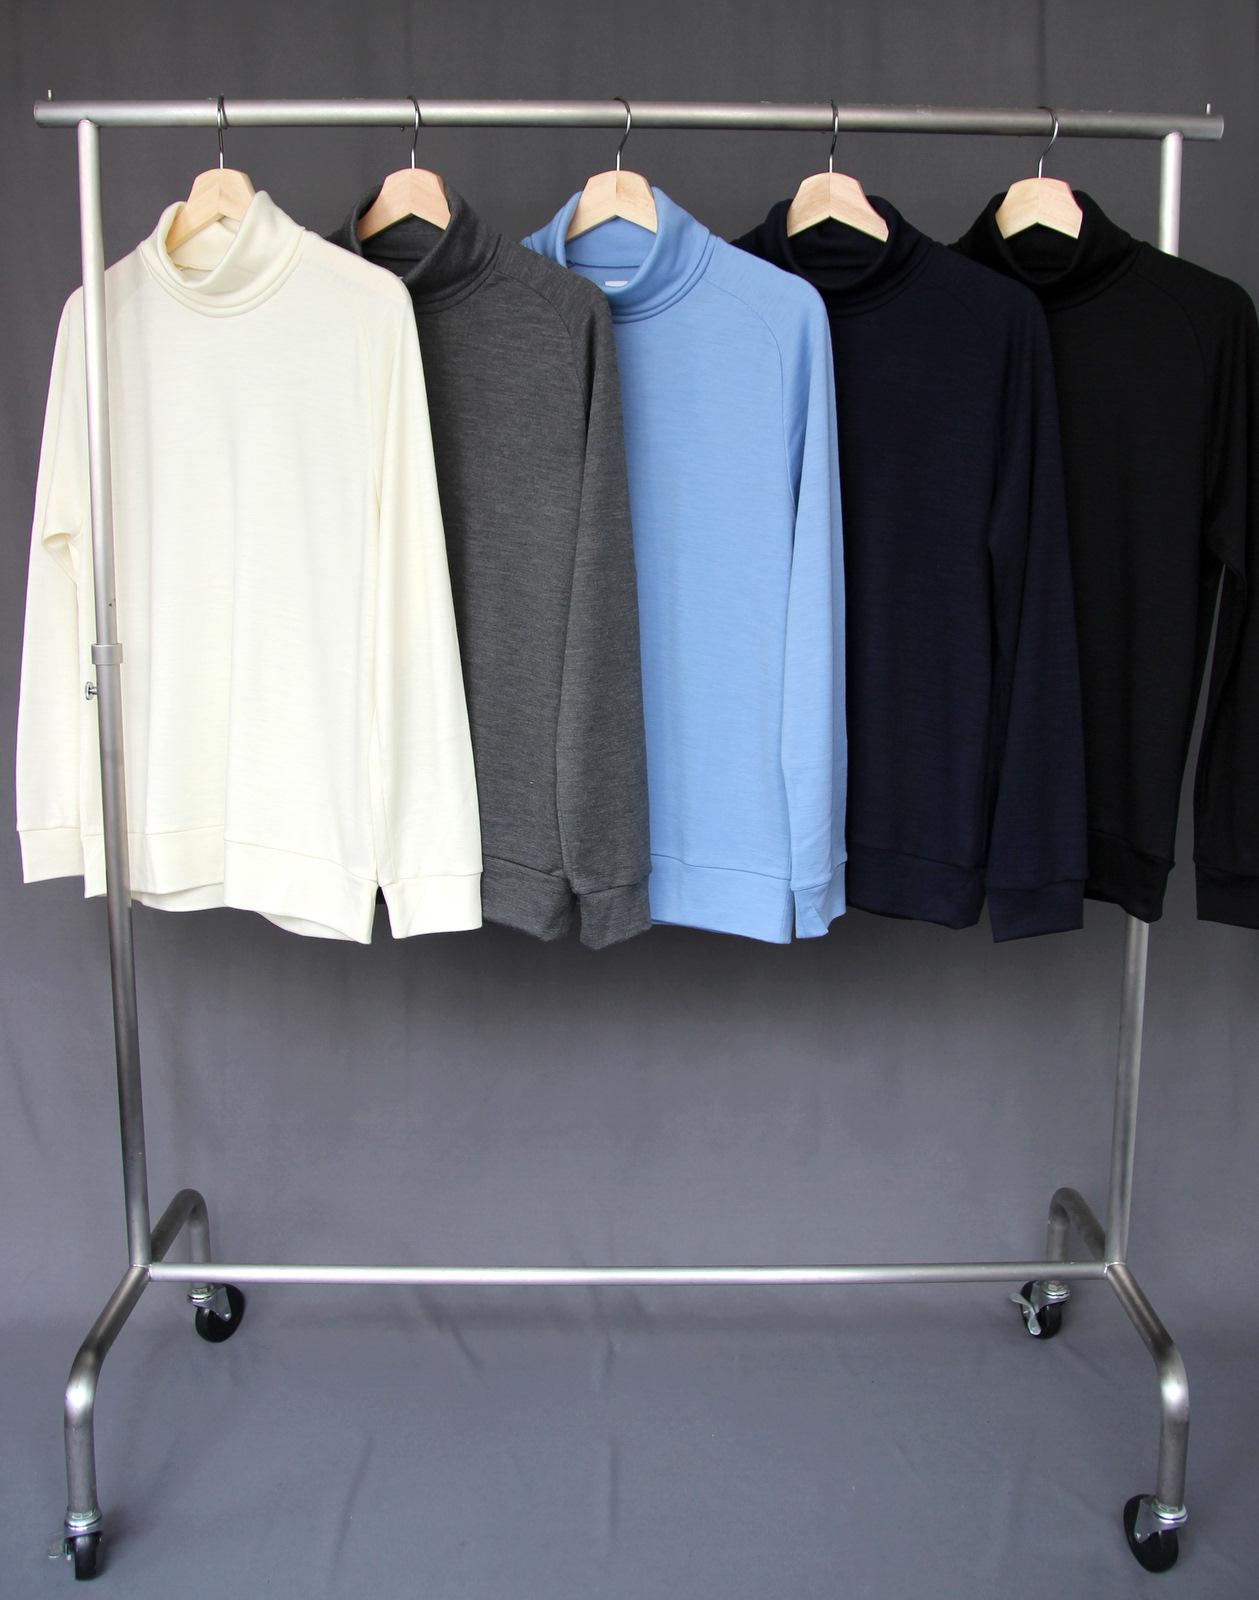 Dress Wool Knit Turtle Neck_c0379477_12253933.jpg